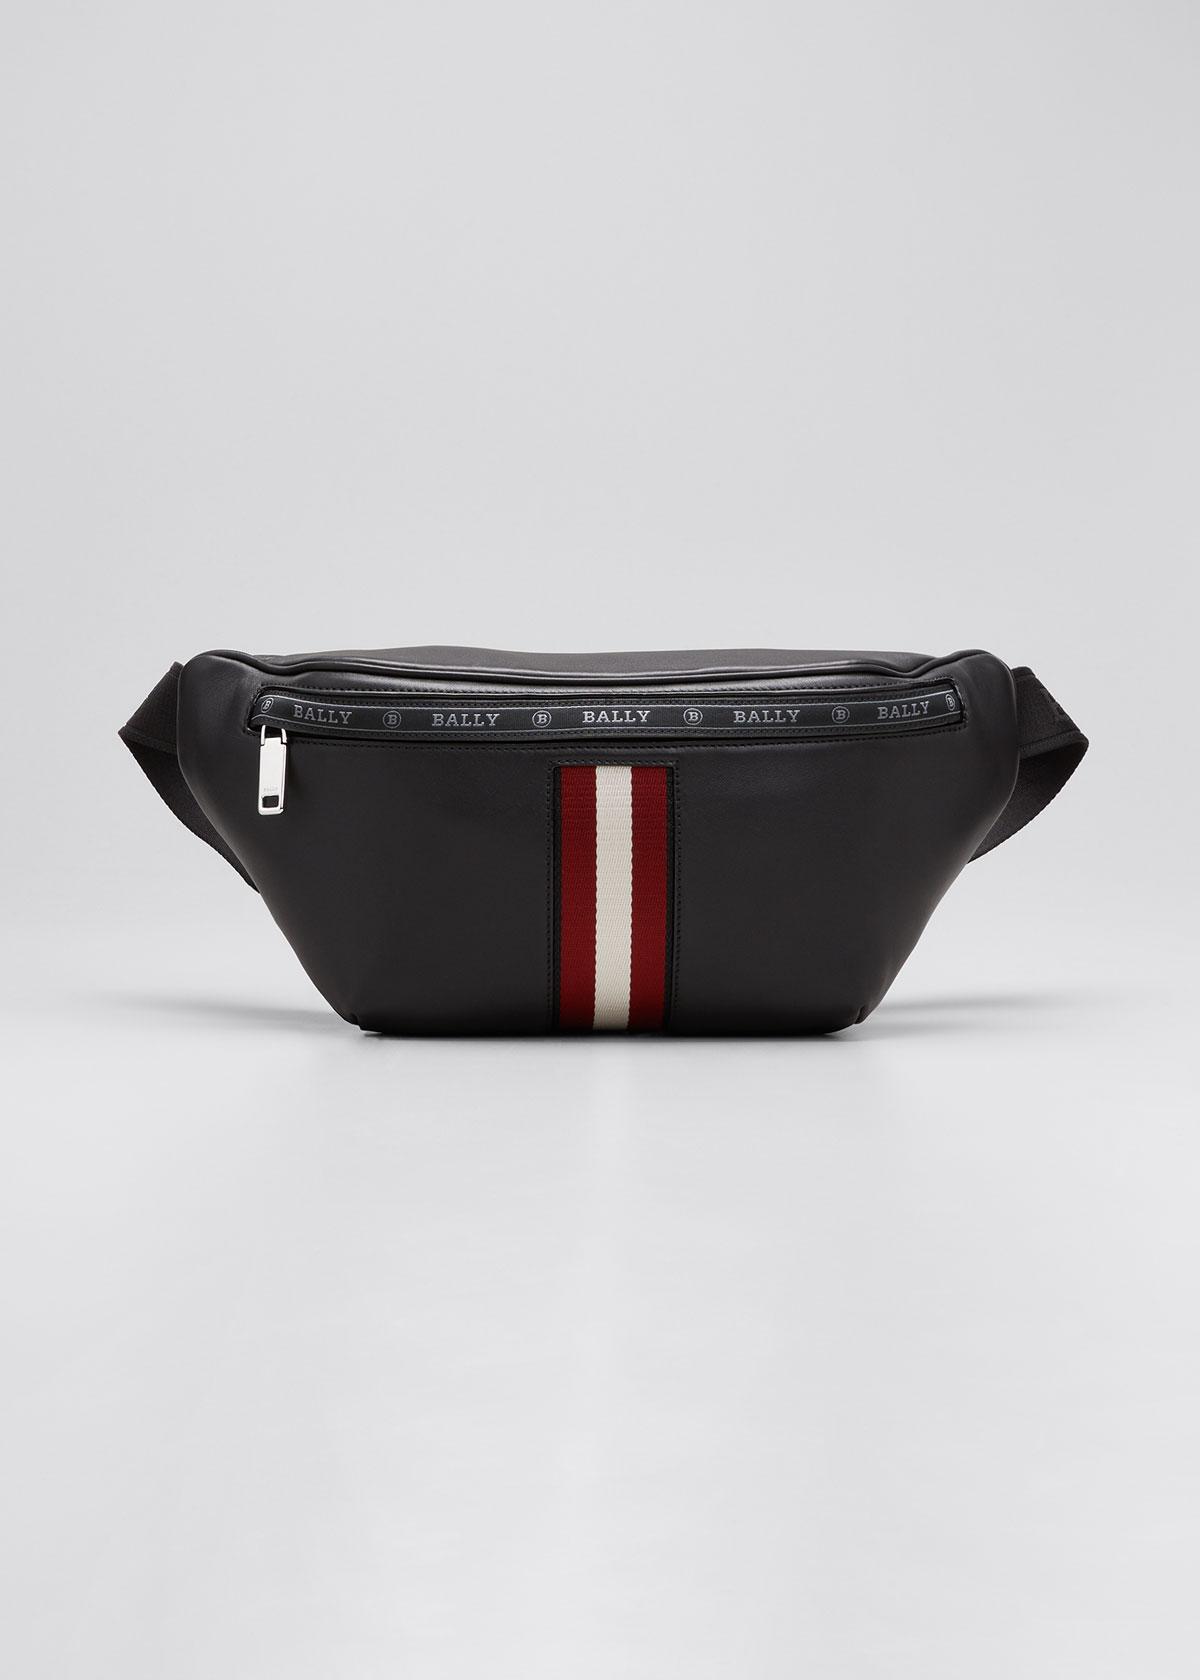 Bally Men's Trainspotting Leather Belt Bag In Black